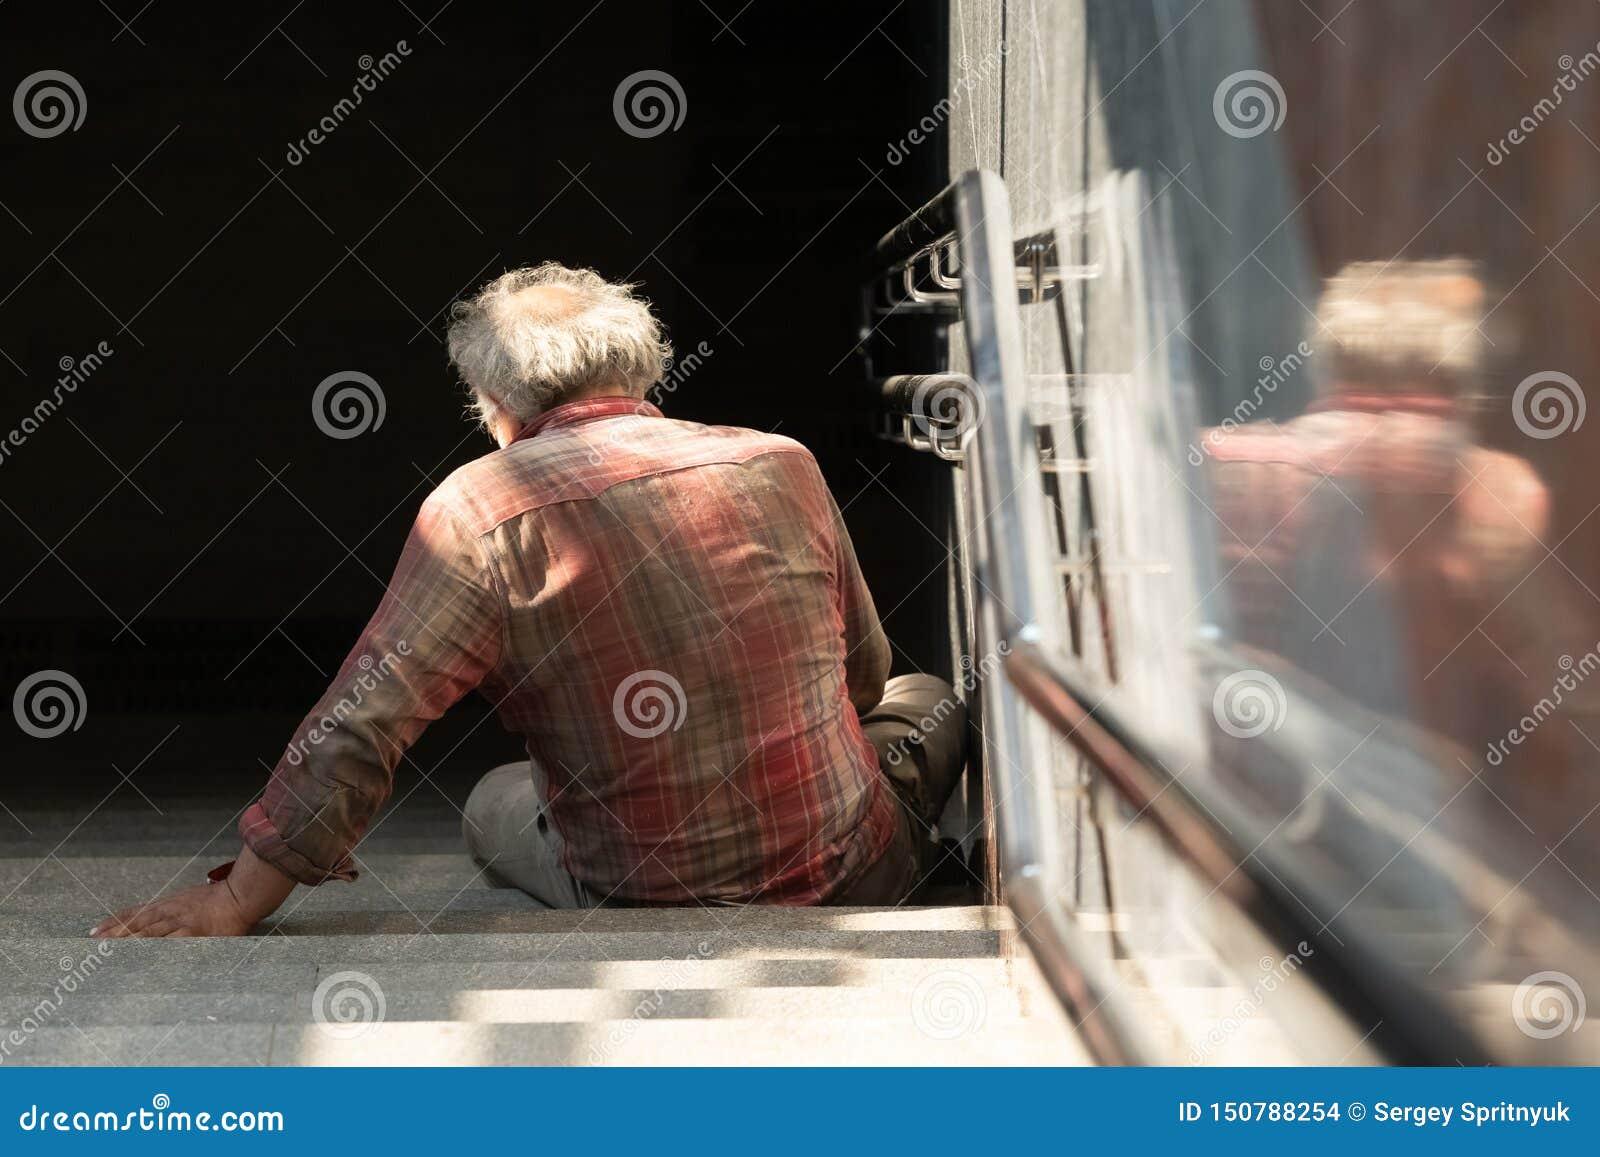 Homme sans abri sur la rue de passage couvert, concept sans abri